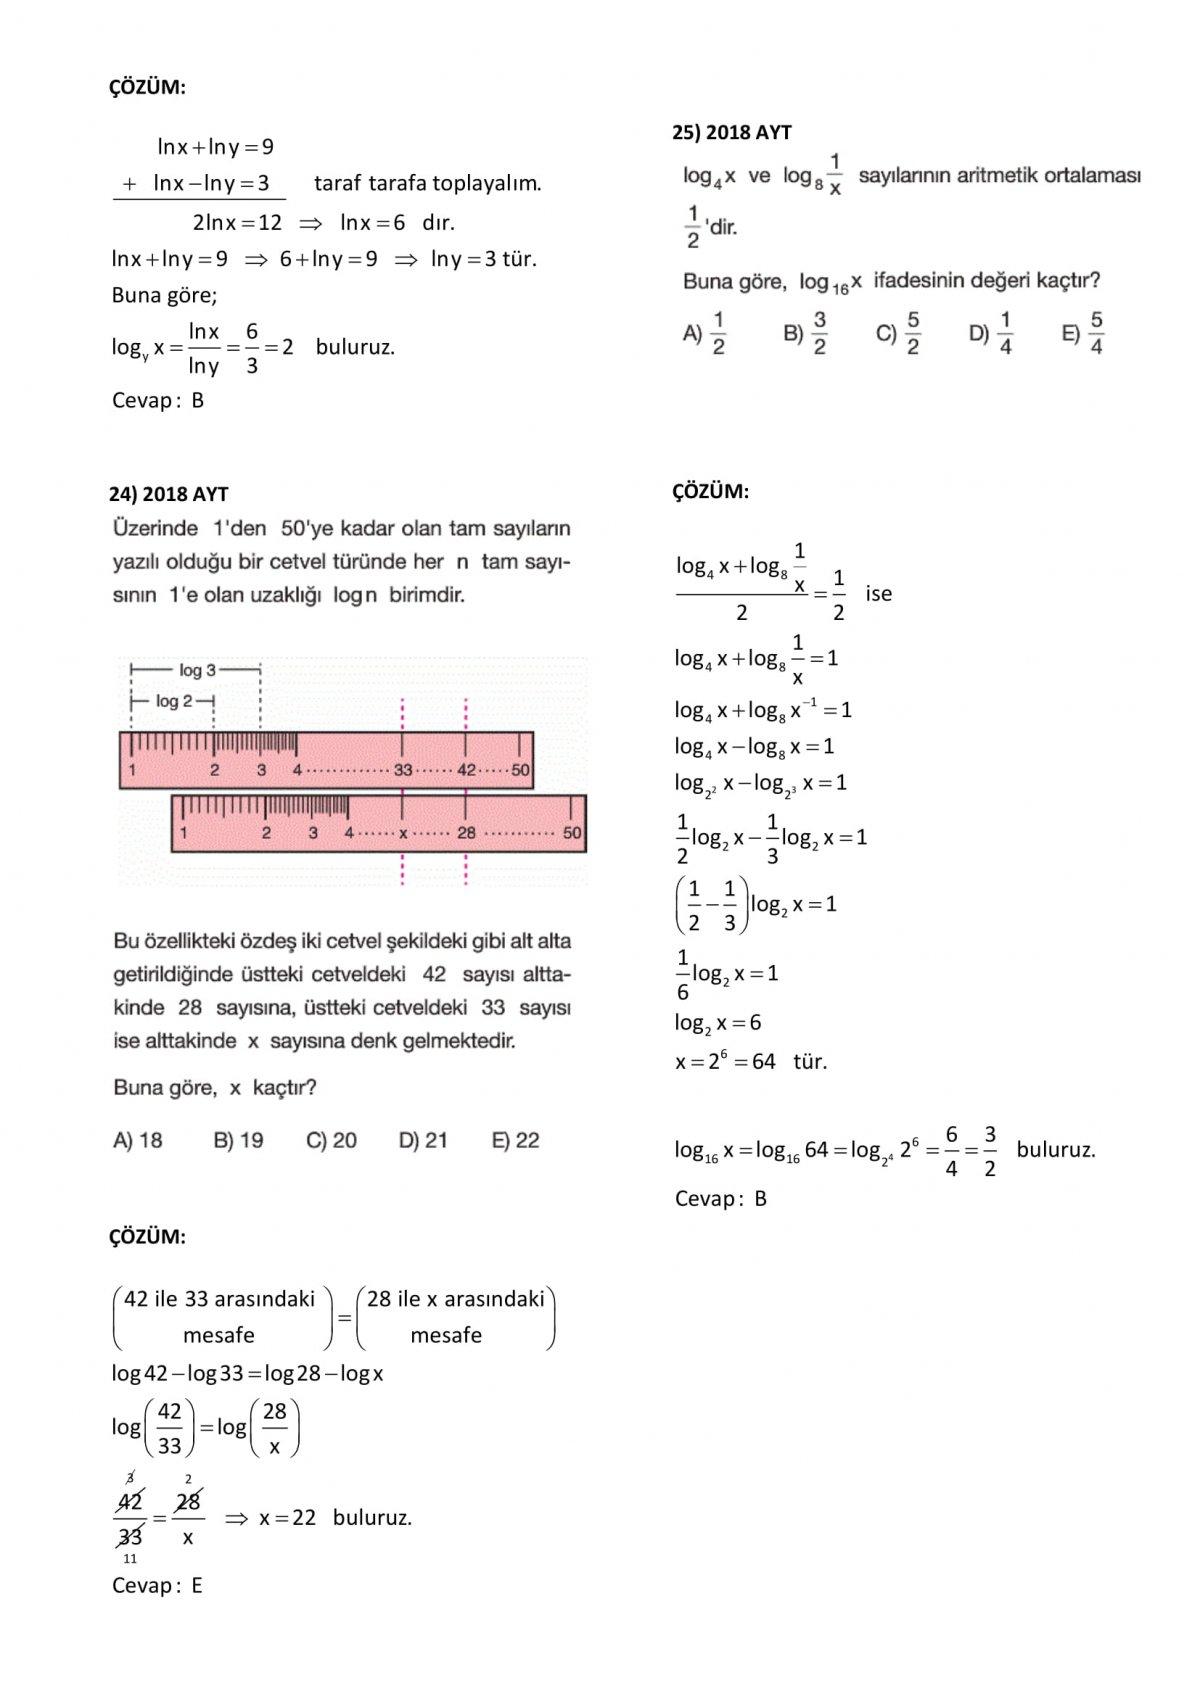 Logaritma-Çıkmış-Sorular-ve-Çözümleri-08.jpg